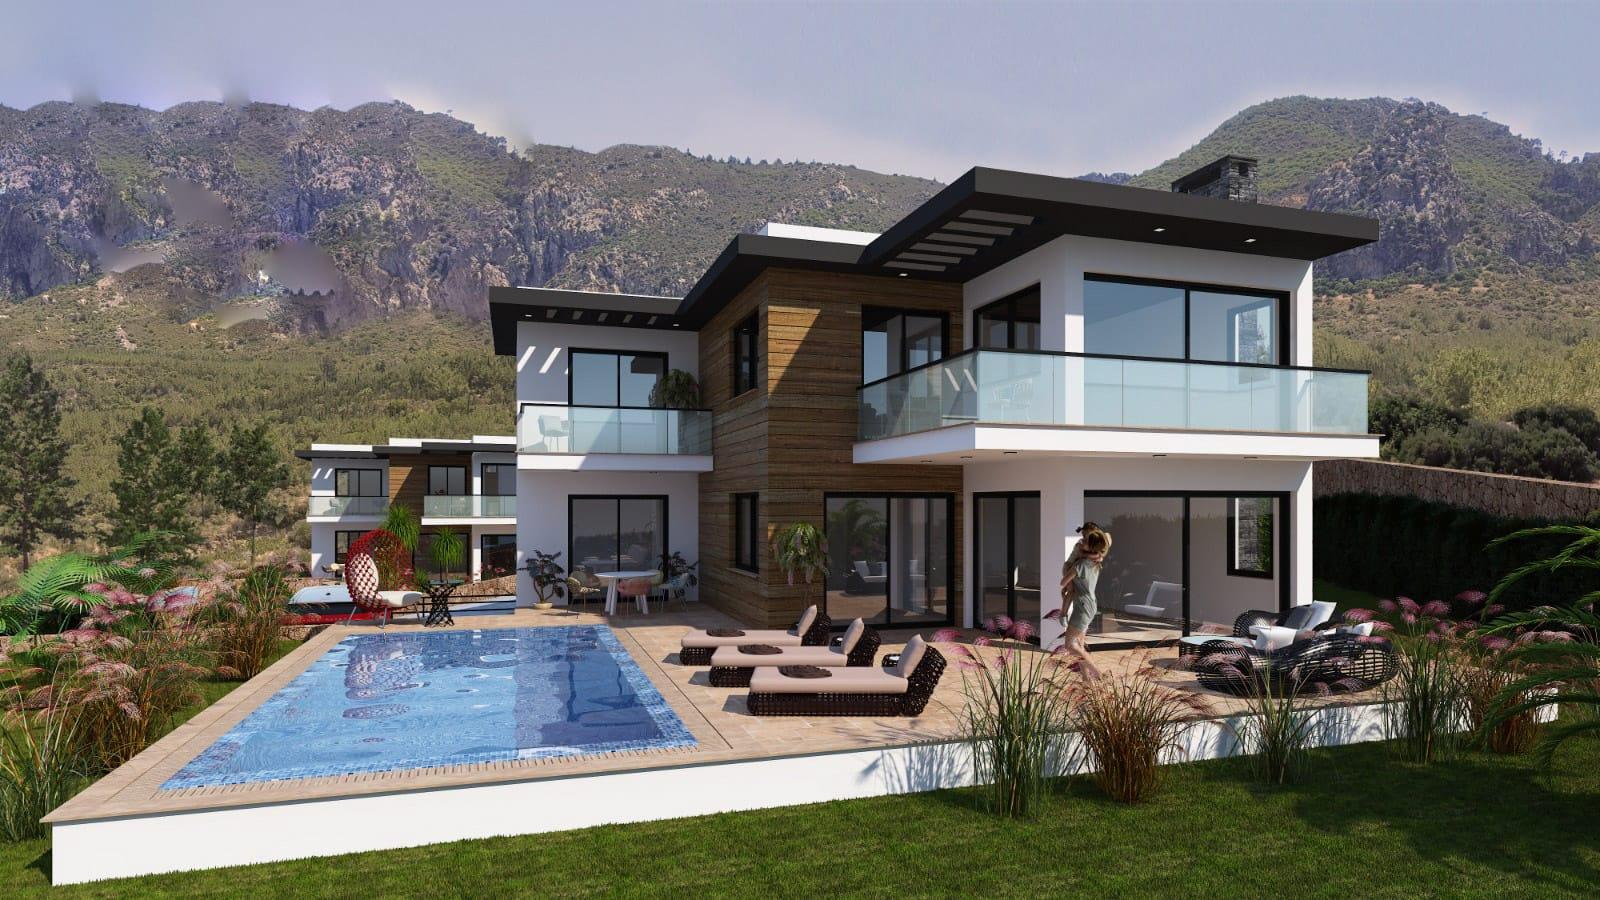 Karmi'de Satılık Lüks 4 Yatak Odalı Villa Projesi 9455